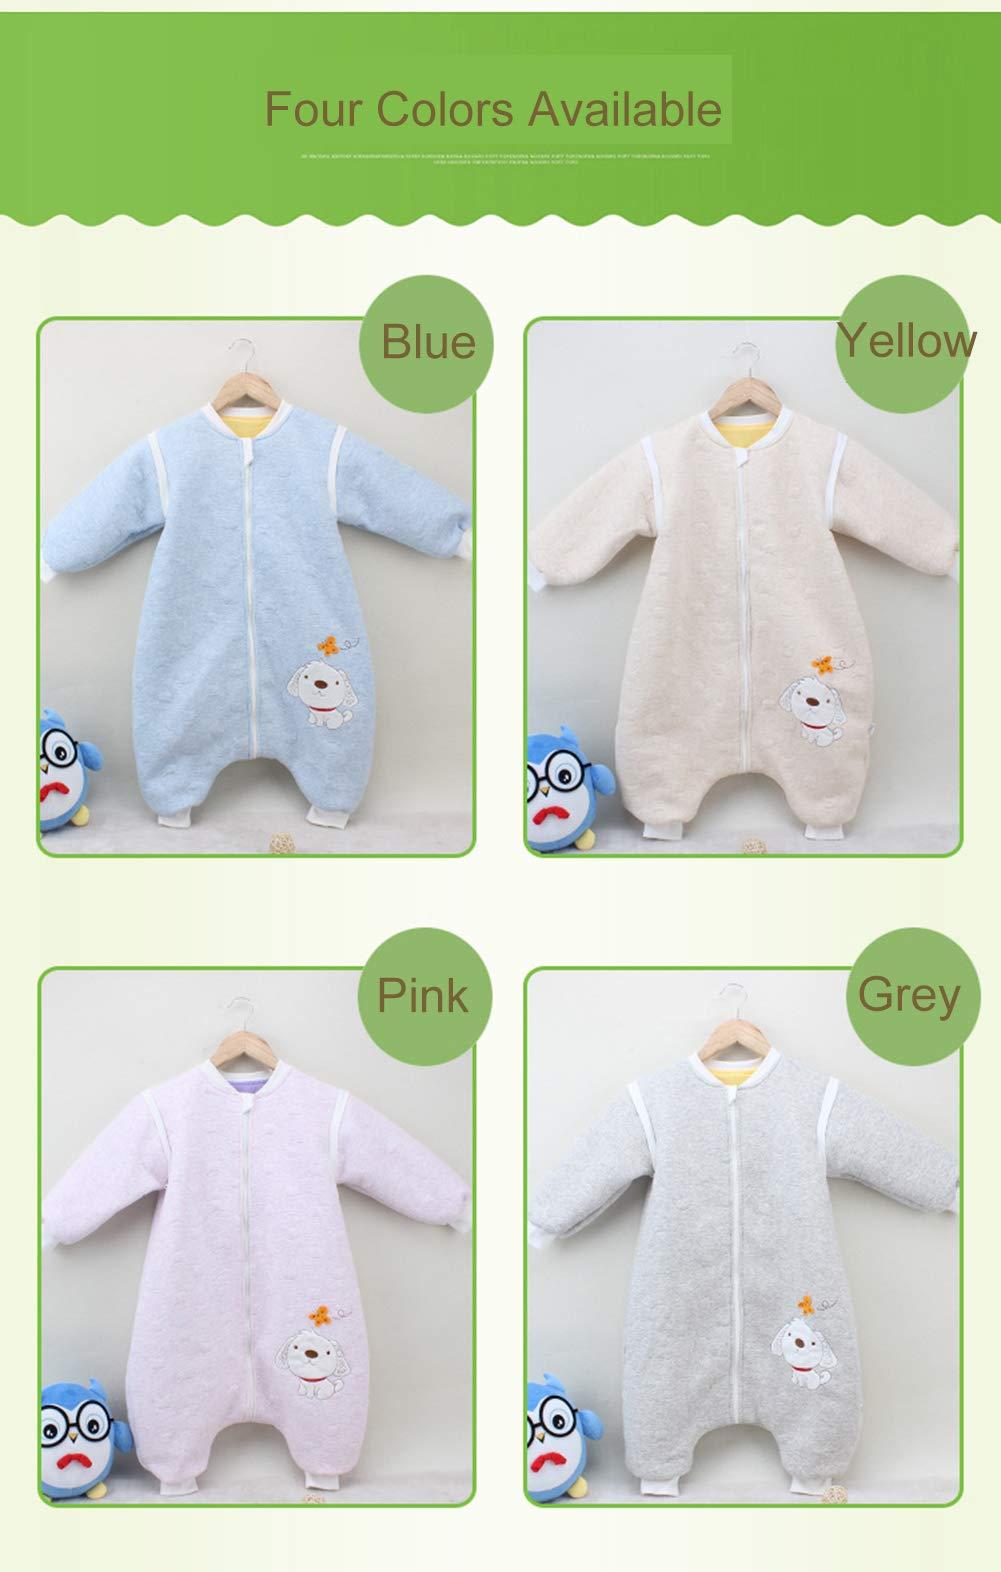 BabyFat Sacos de Dormir/Pijama para Bebé Niño Unisex Otoño/Invierno 2.5 Tog